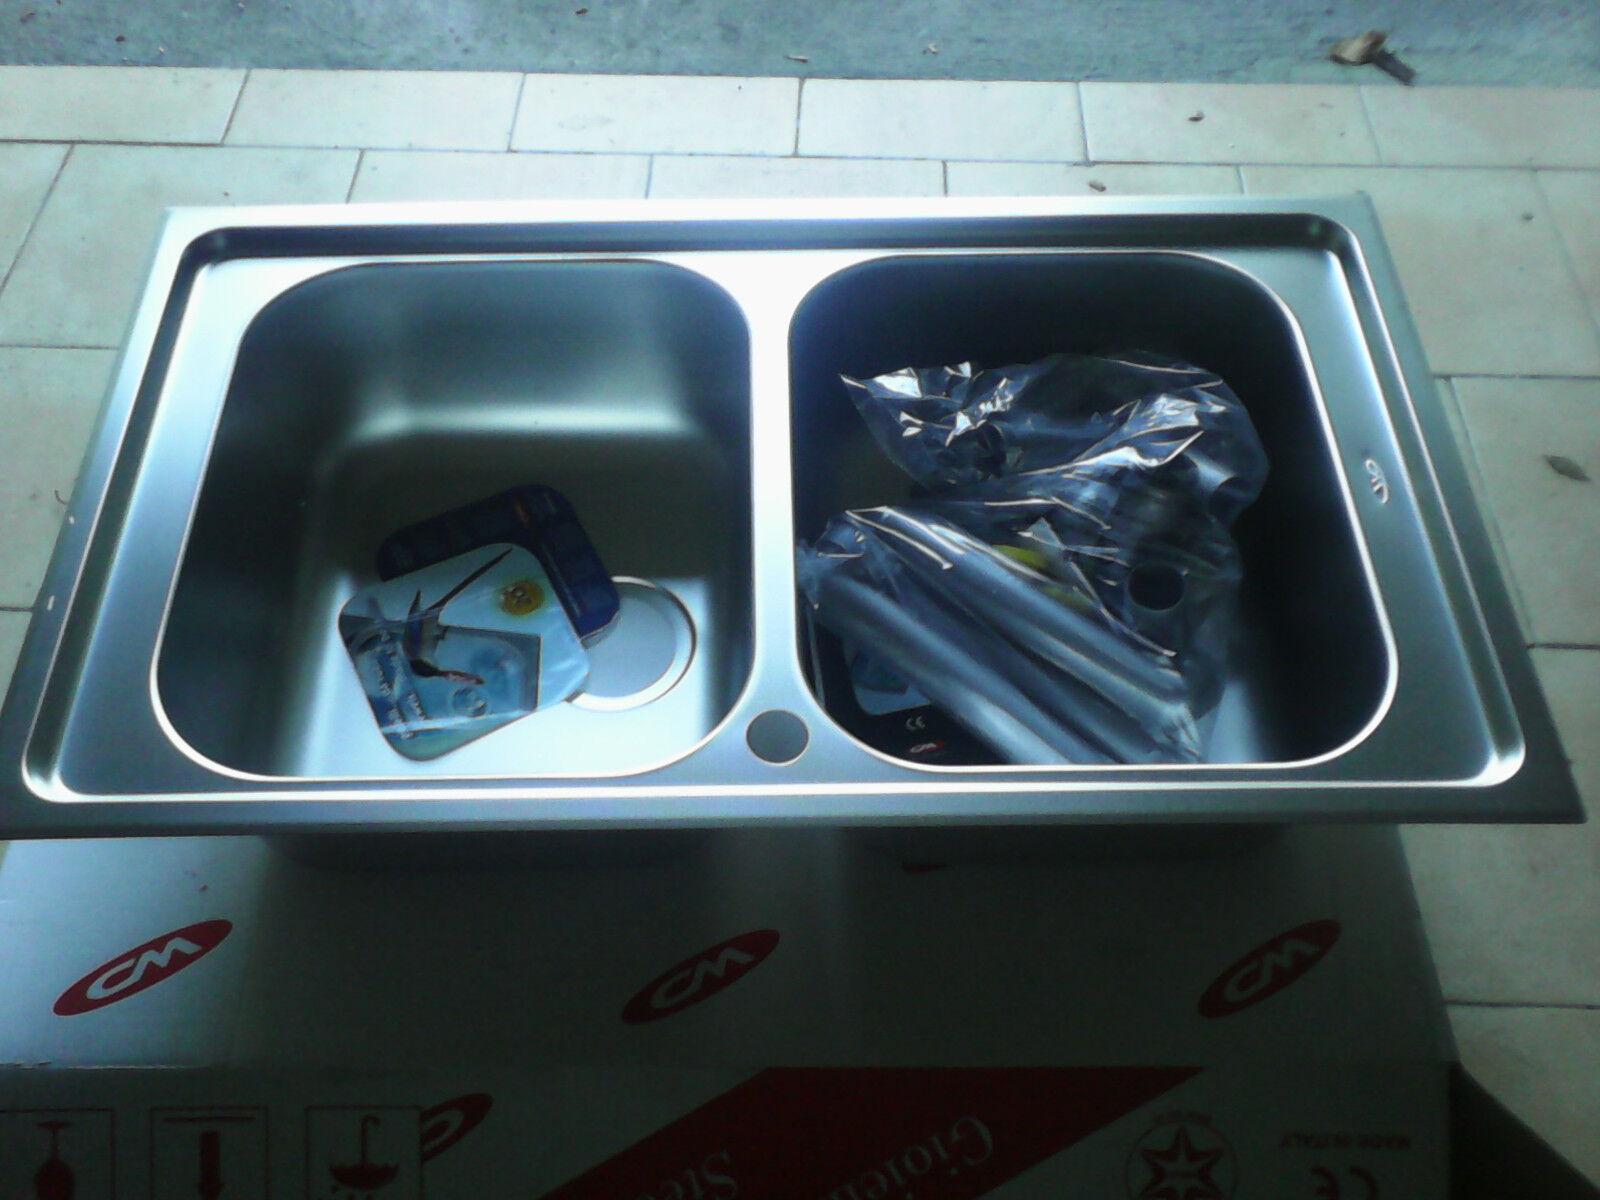 Lavello ZENITH PLUS 011264  2 vasche